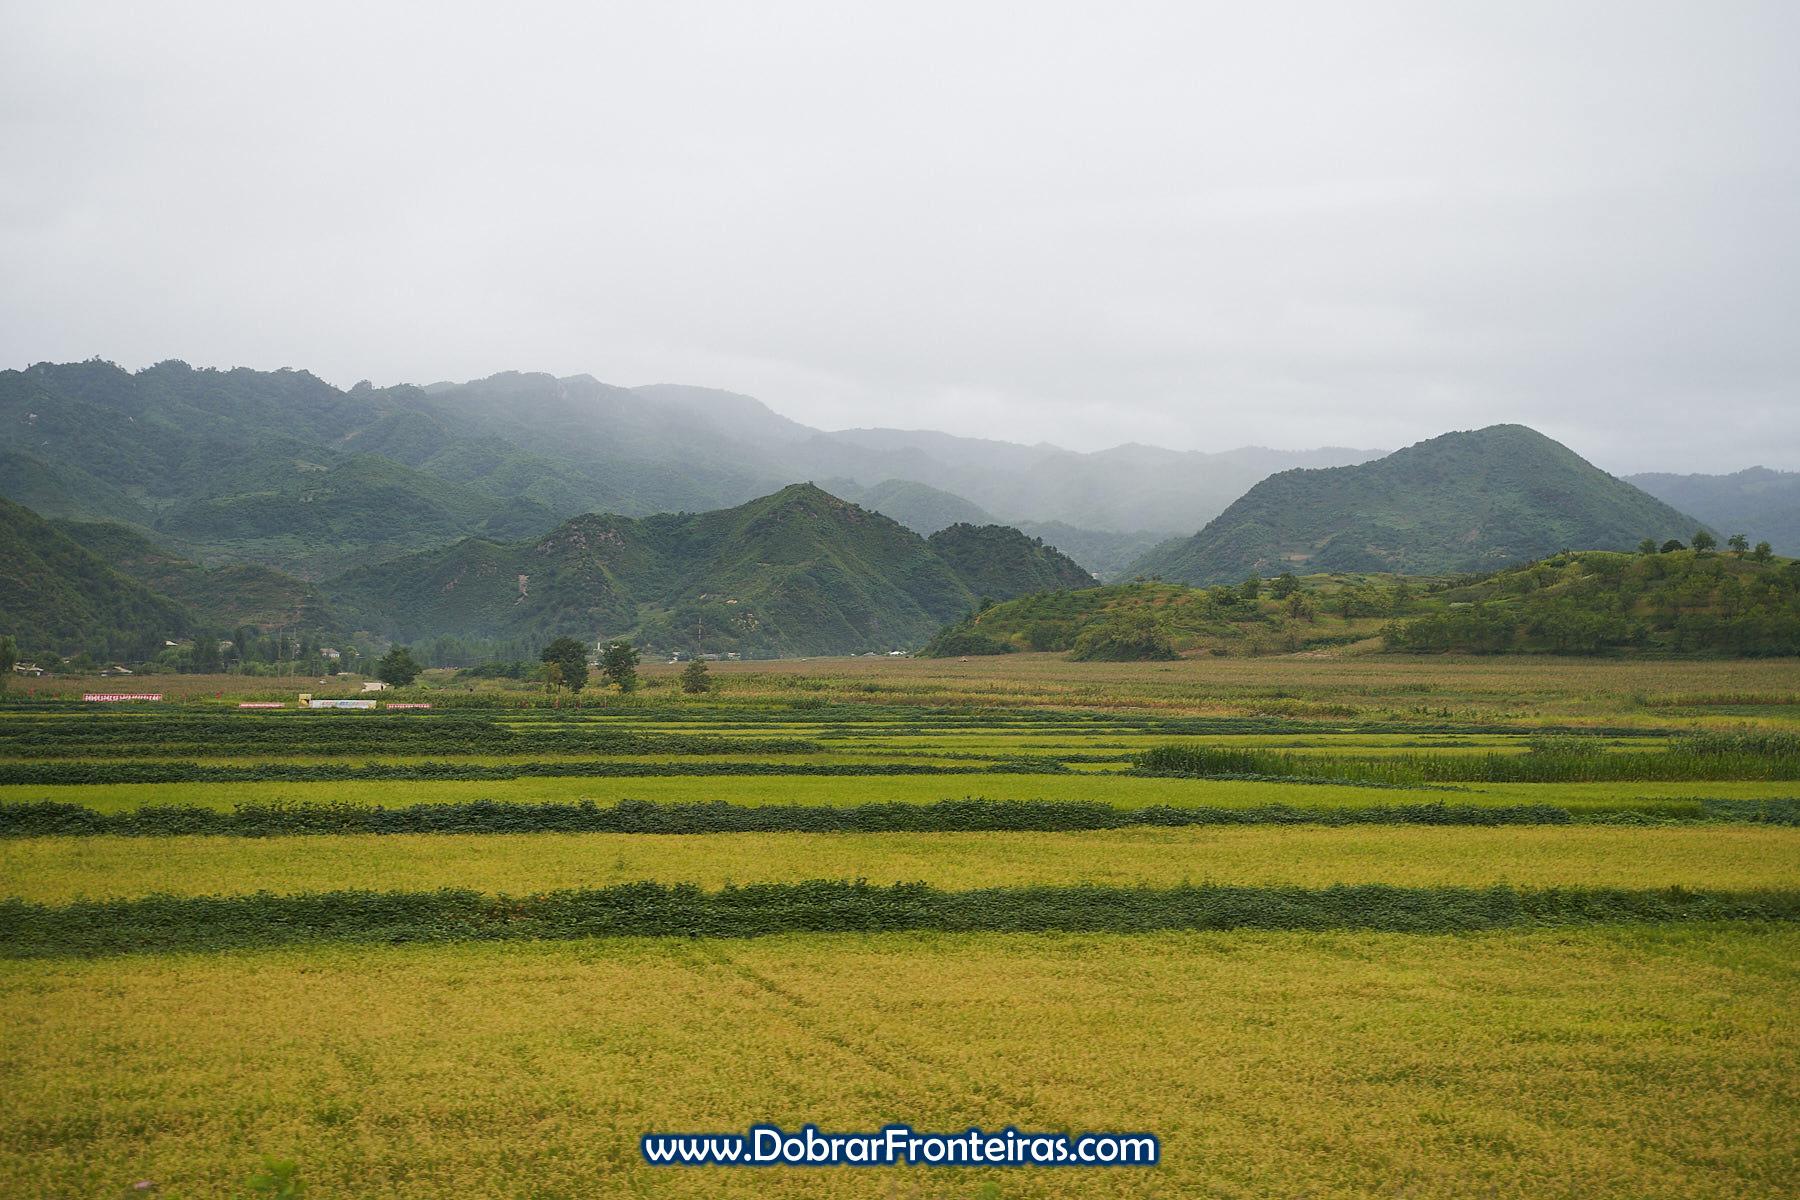 Campos de arroz e soja com montanhas ao fundo na Coreia do Norte